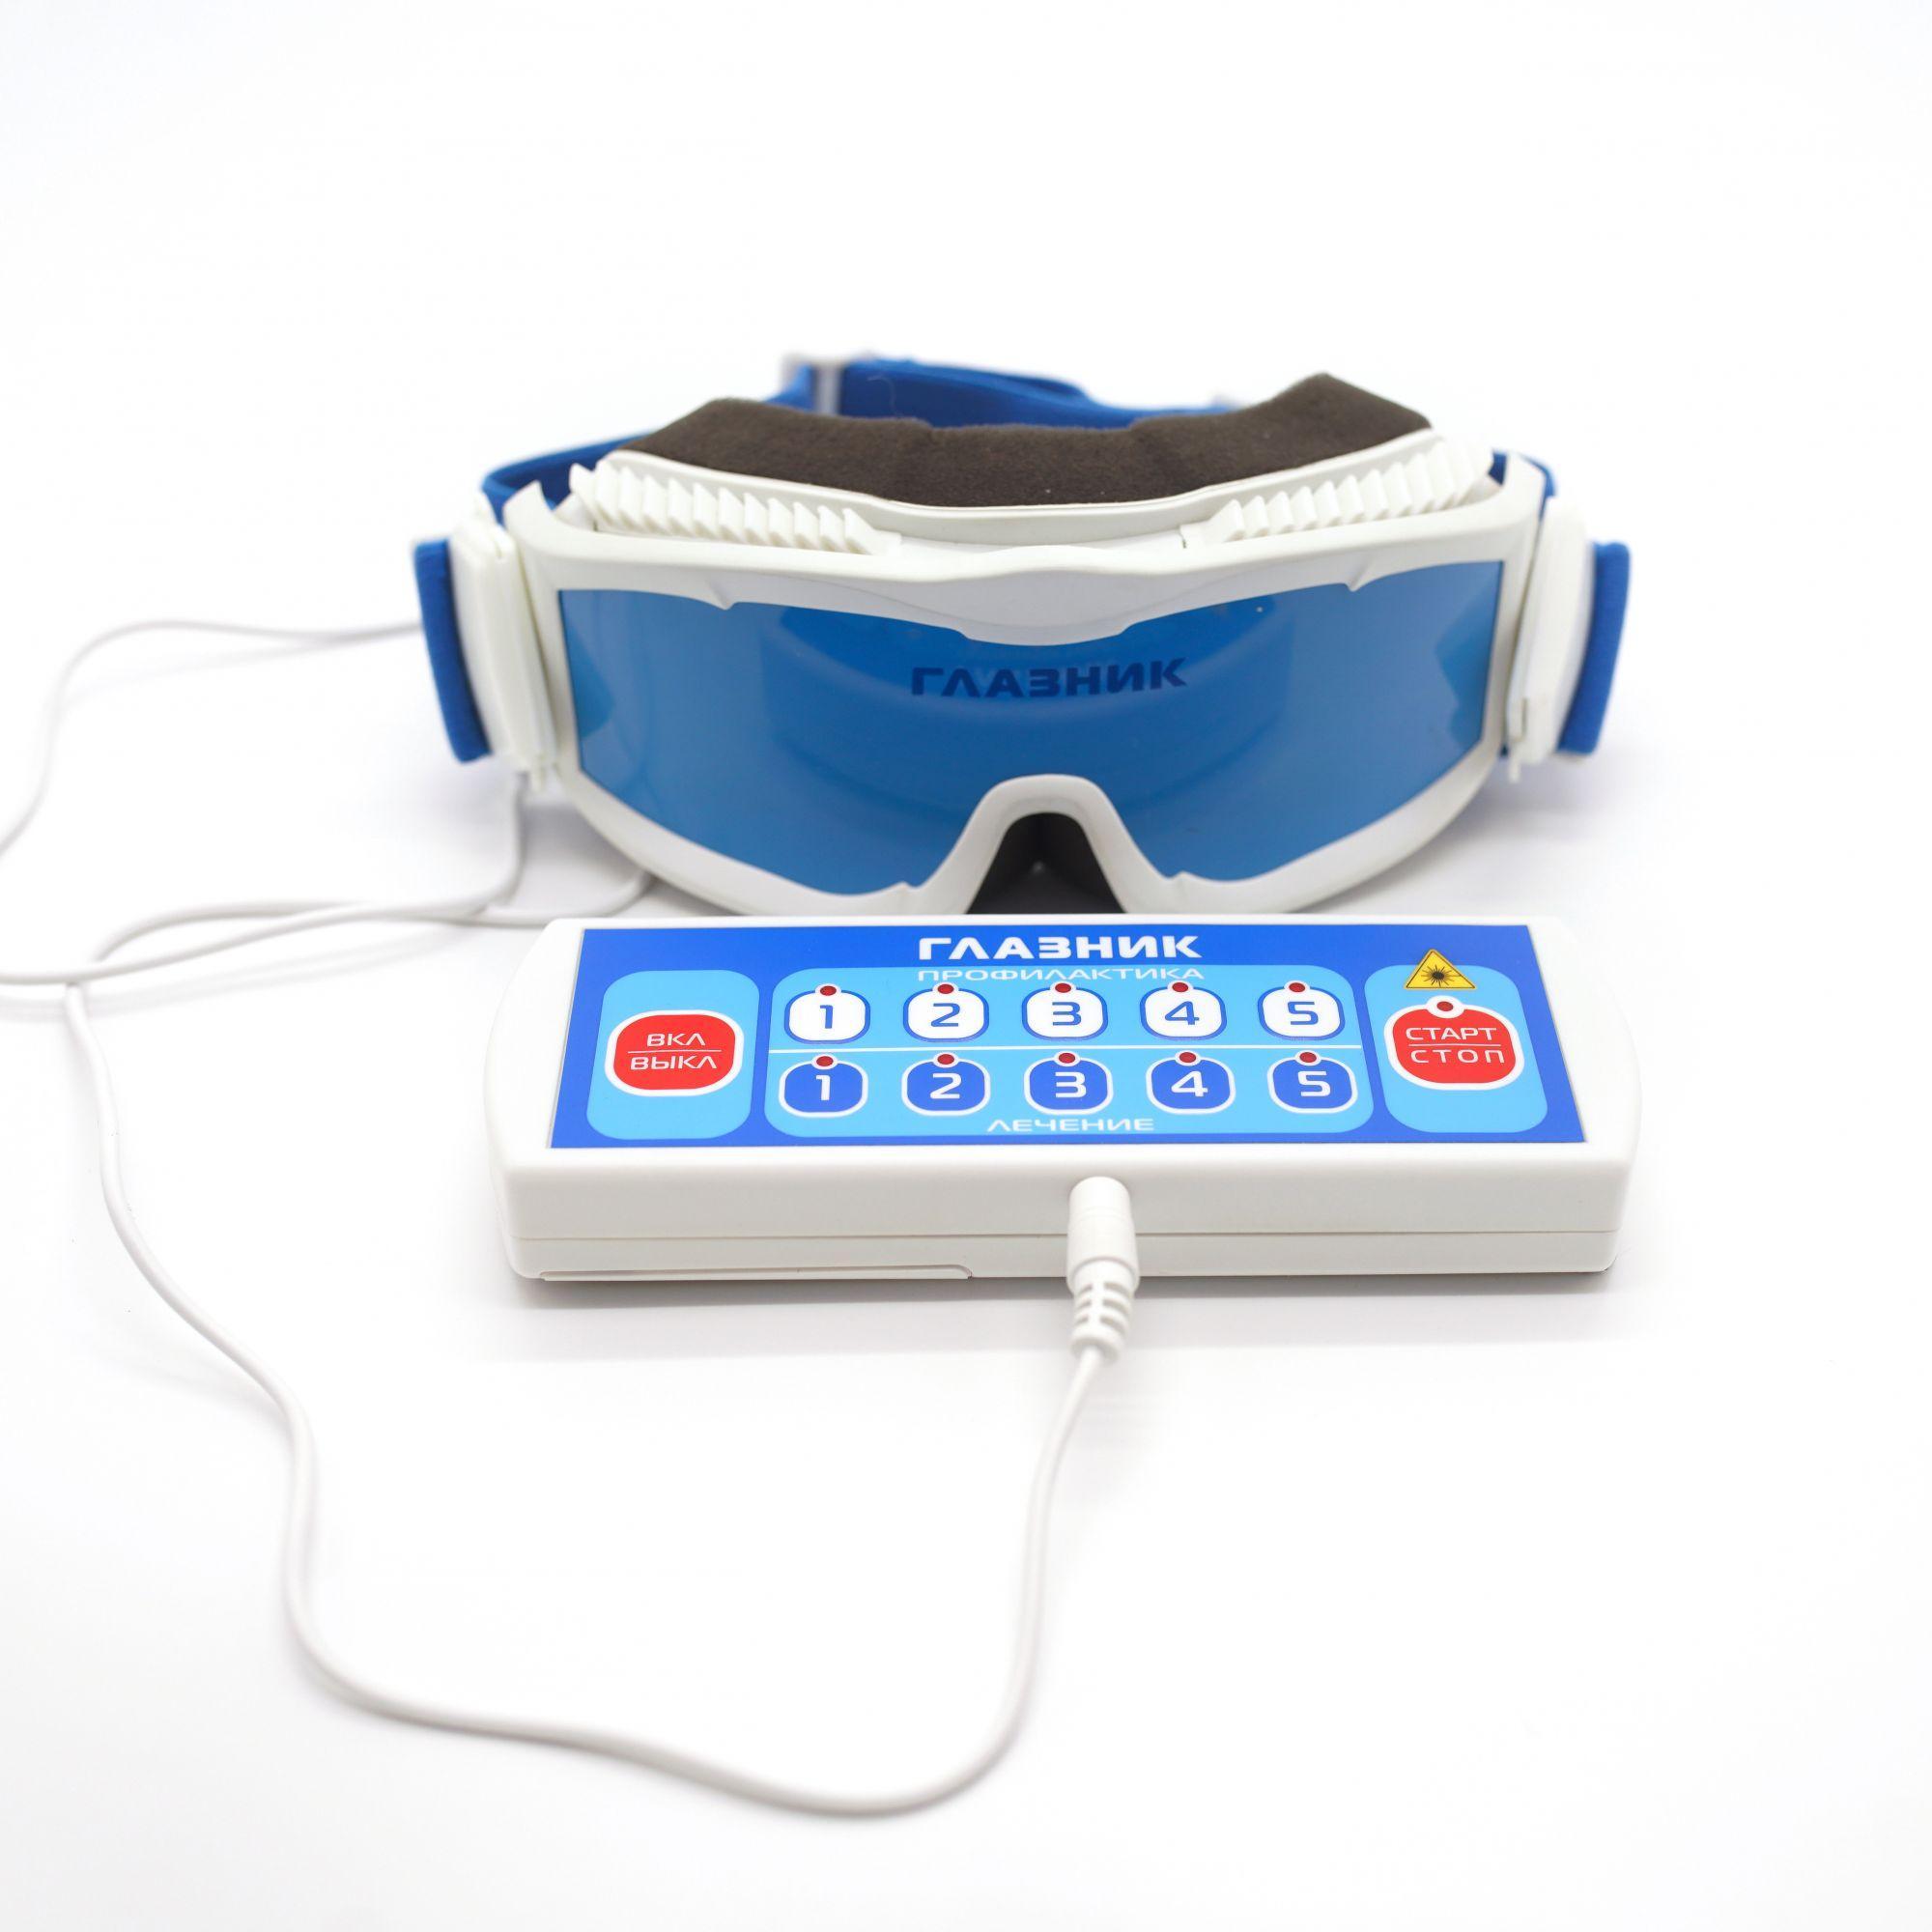 Аппарат глазник купить в интернет-магазине Диалог